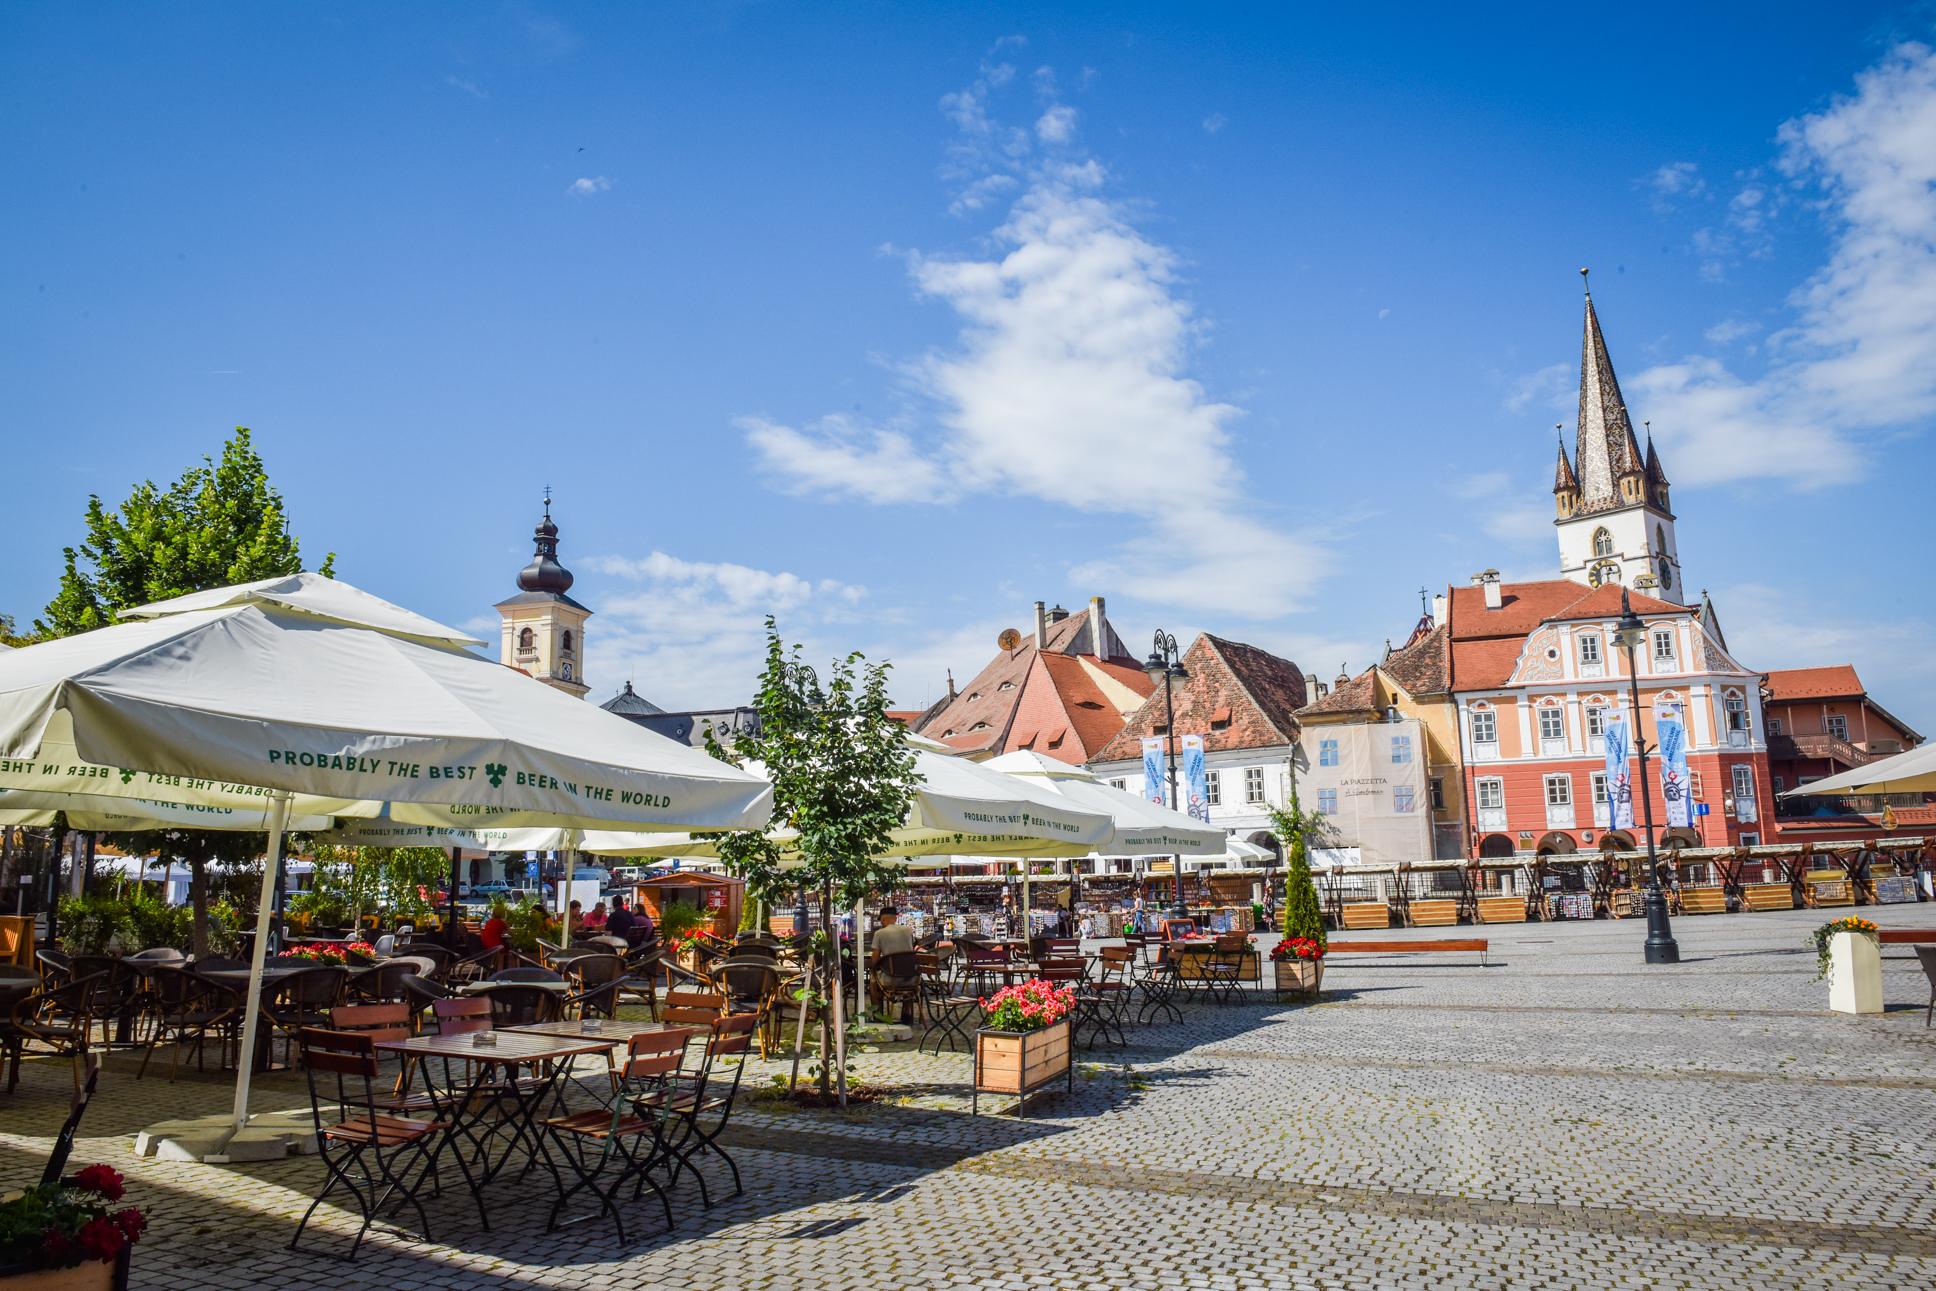 243 de cazuri active în orașul Sibiu. 12 localități au incidența peste 1 la mie